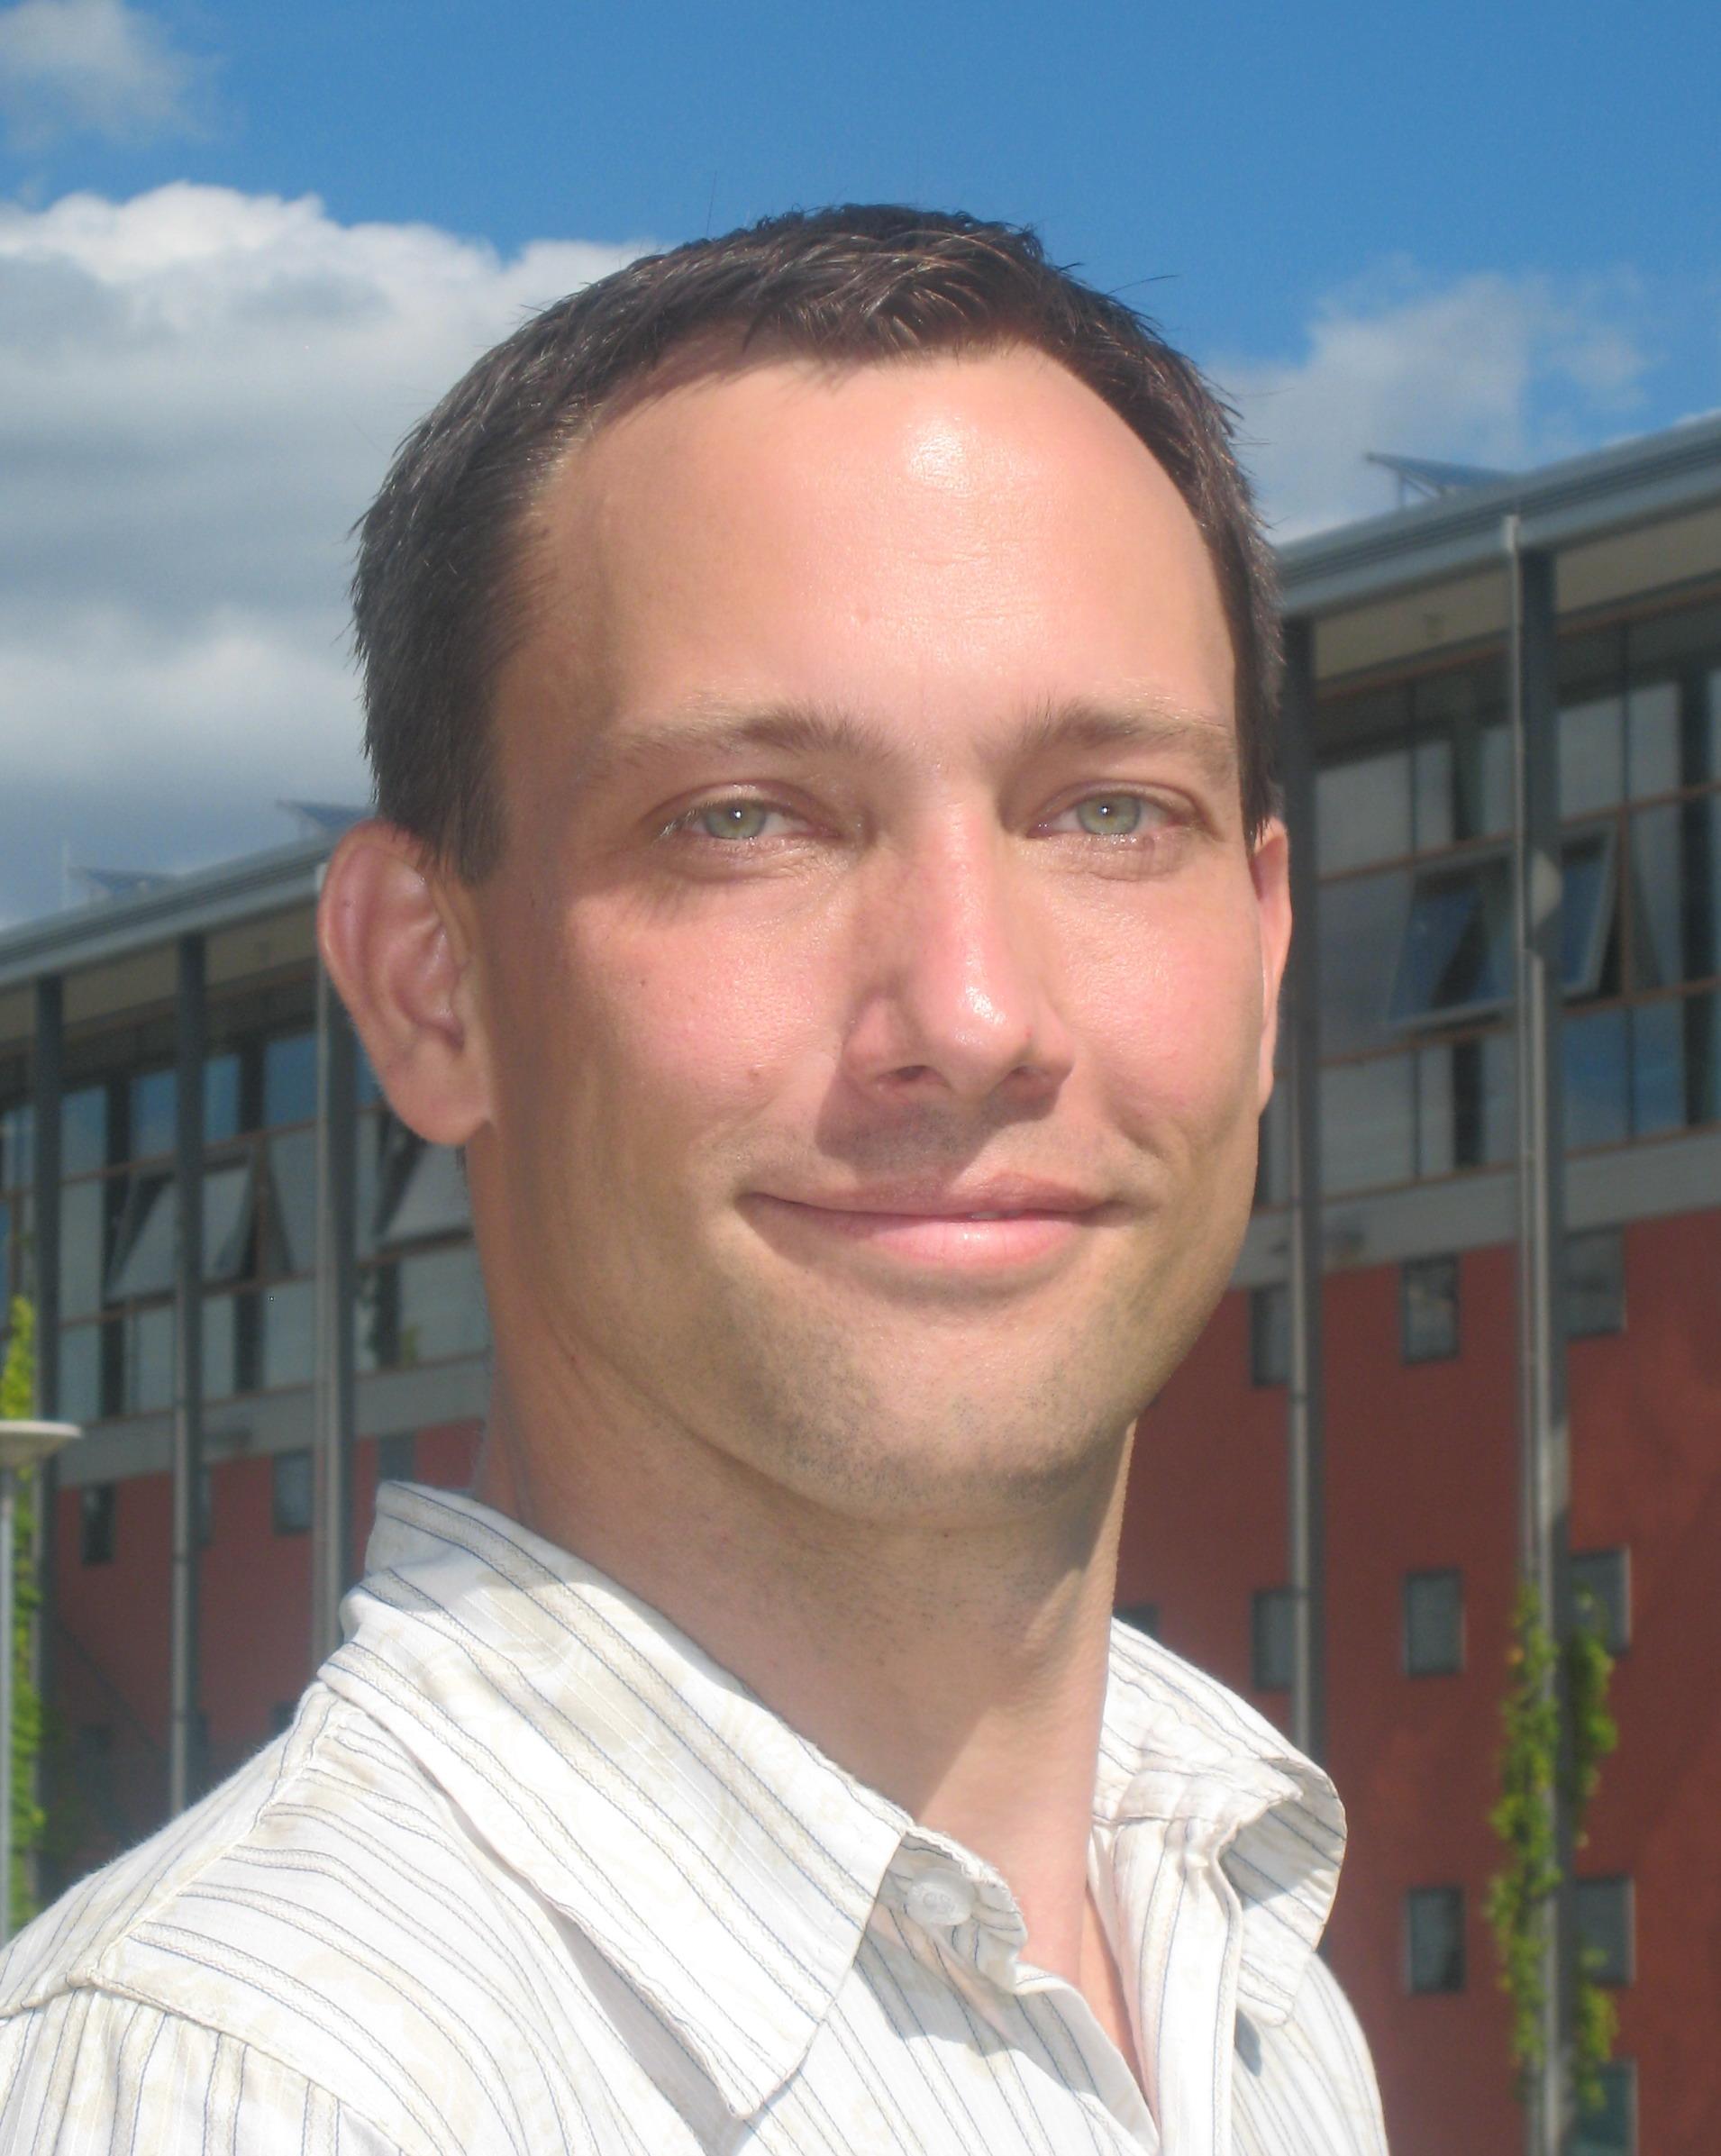 Martin Schüttler